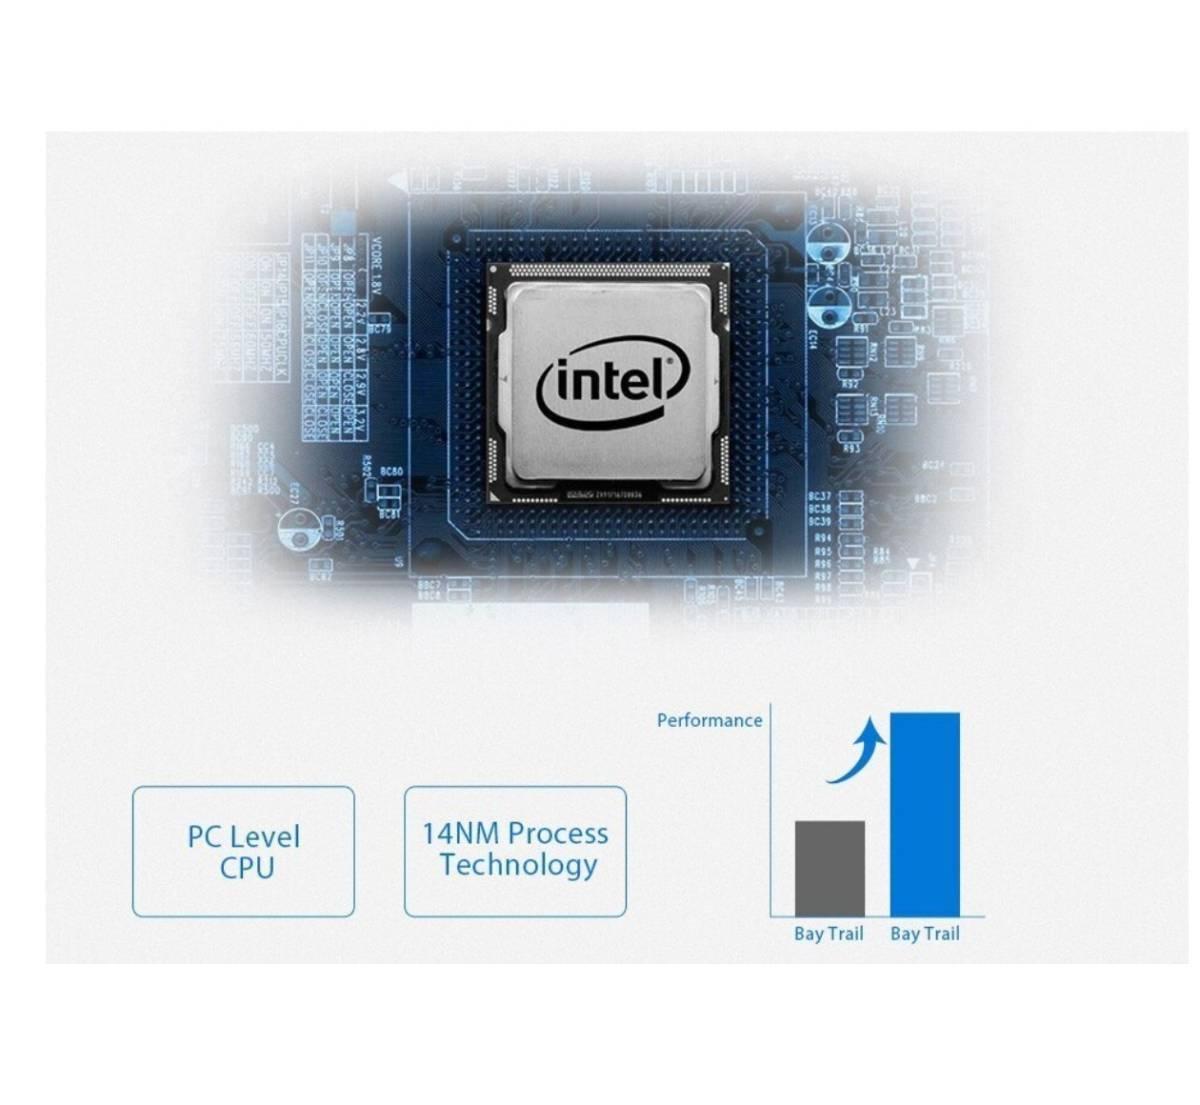 【最安値販売】Laptop Ezbook 2 Ultrabook インテルCHERRY TRAIL X5 Z8350 シルバー 14.0インチ Windows 10 【領収書発行可能】_画像4